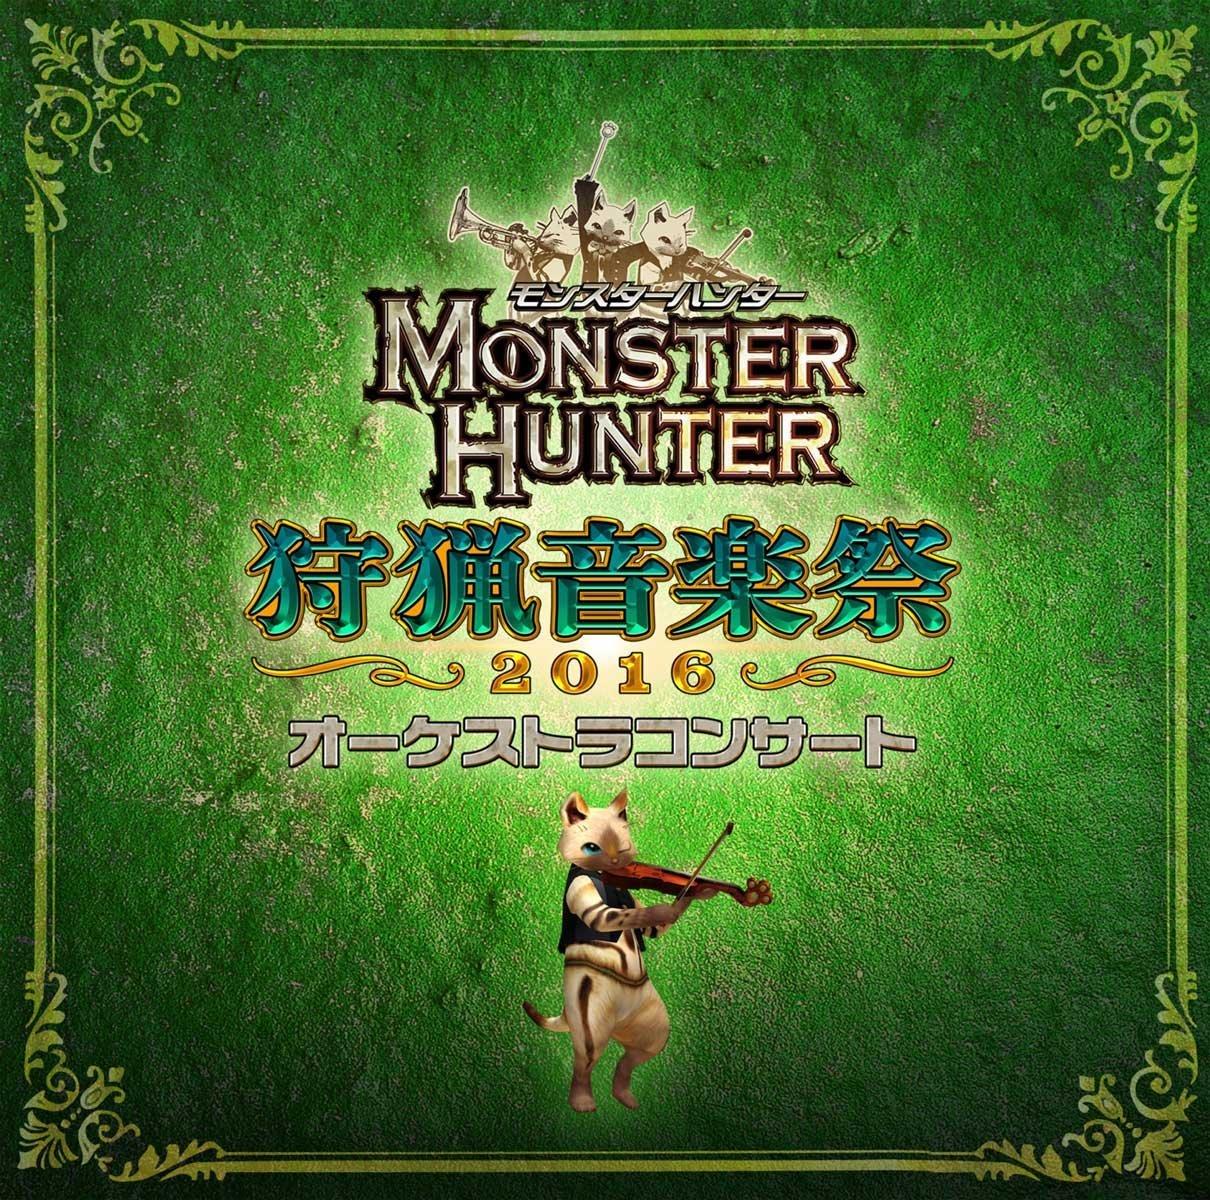 モンスターハンター オーケストラコンサート 狩猟音楽祭2016 [ 栗田博文/東京フィルハーモニー交響楽団 ]